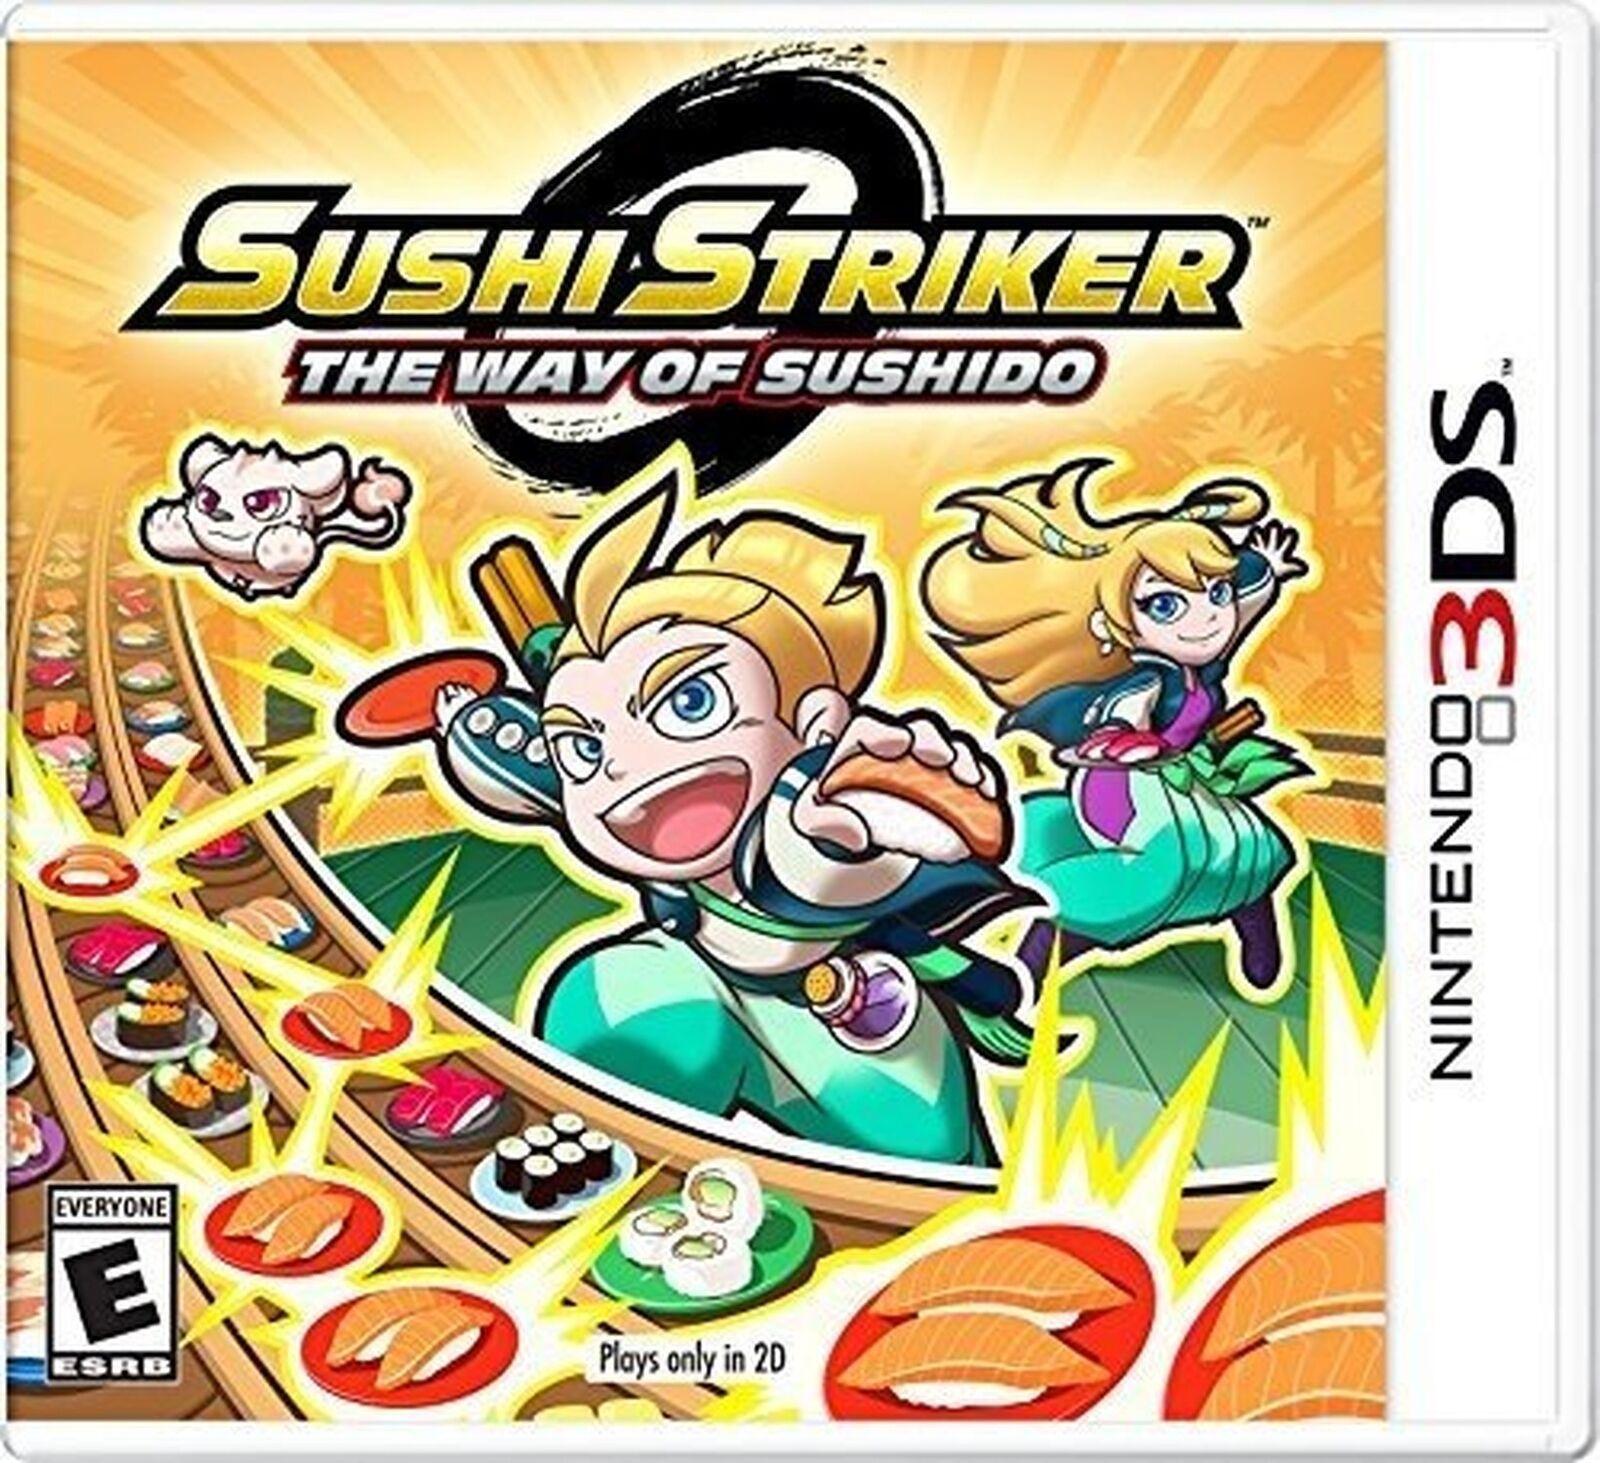 Sushi Strikers